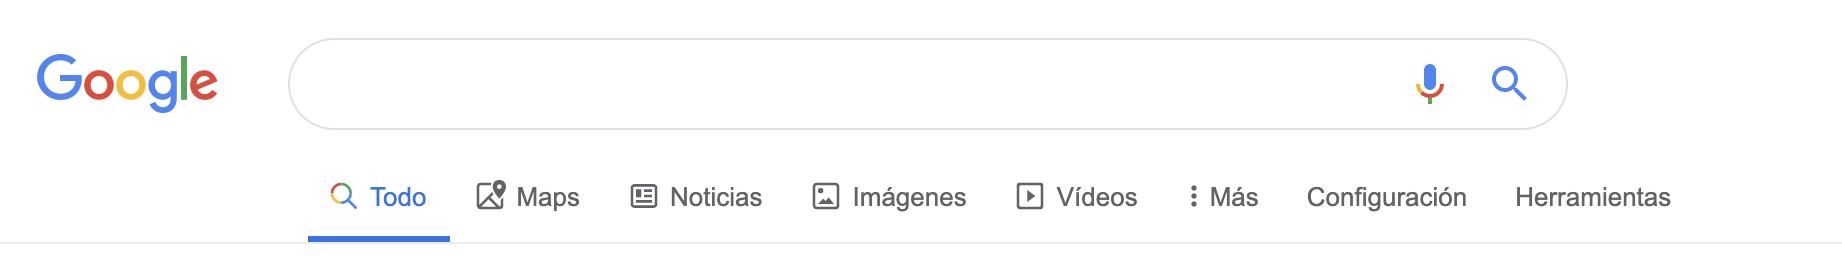 Búsqueda avanzada en Google - Tipos de búsquedas